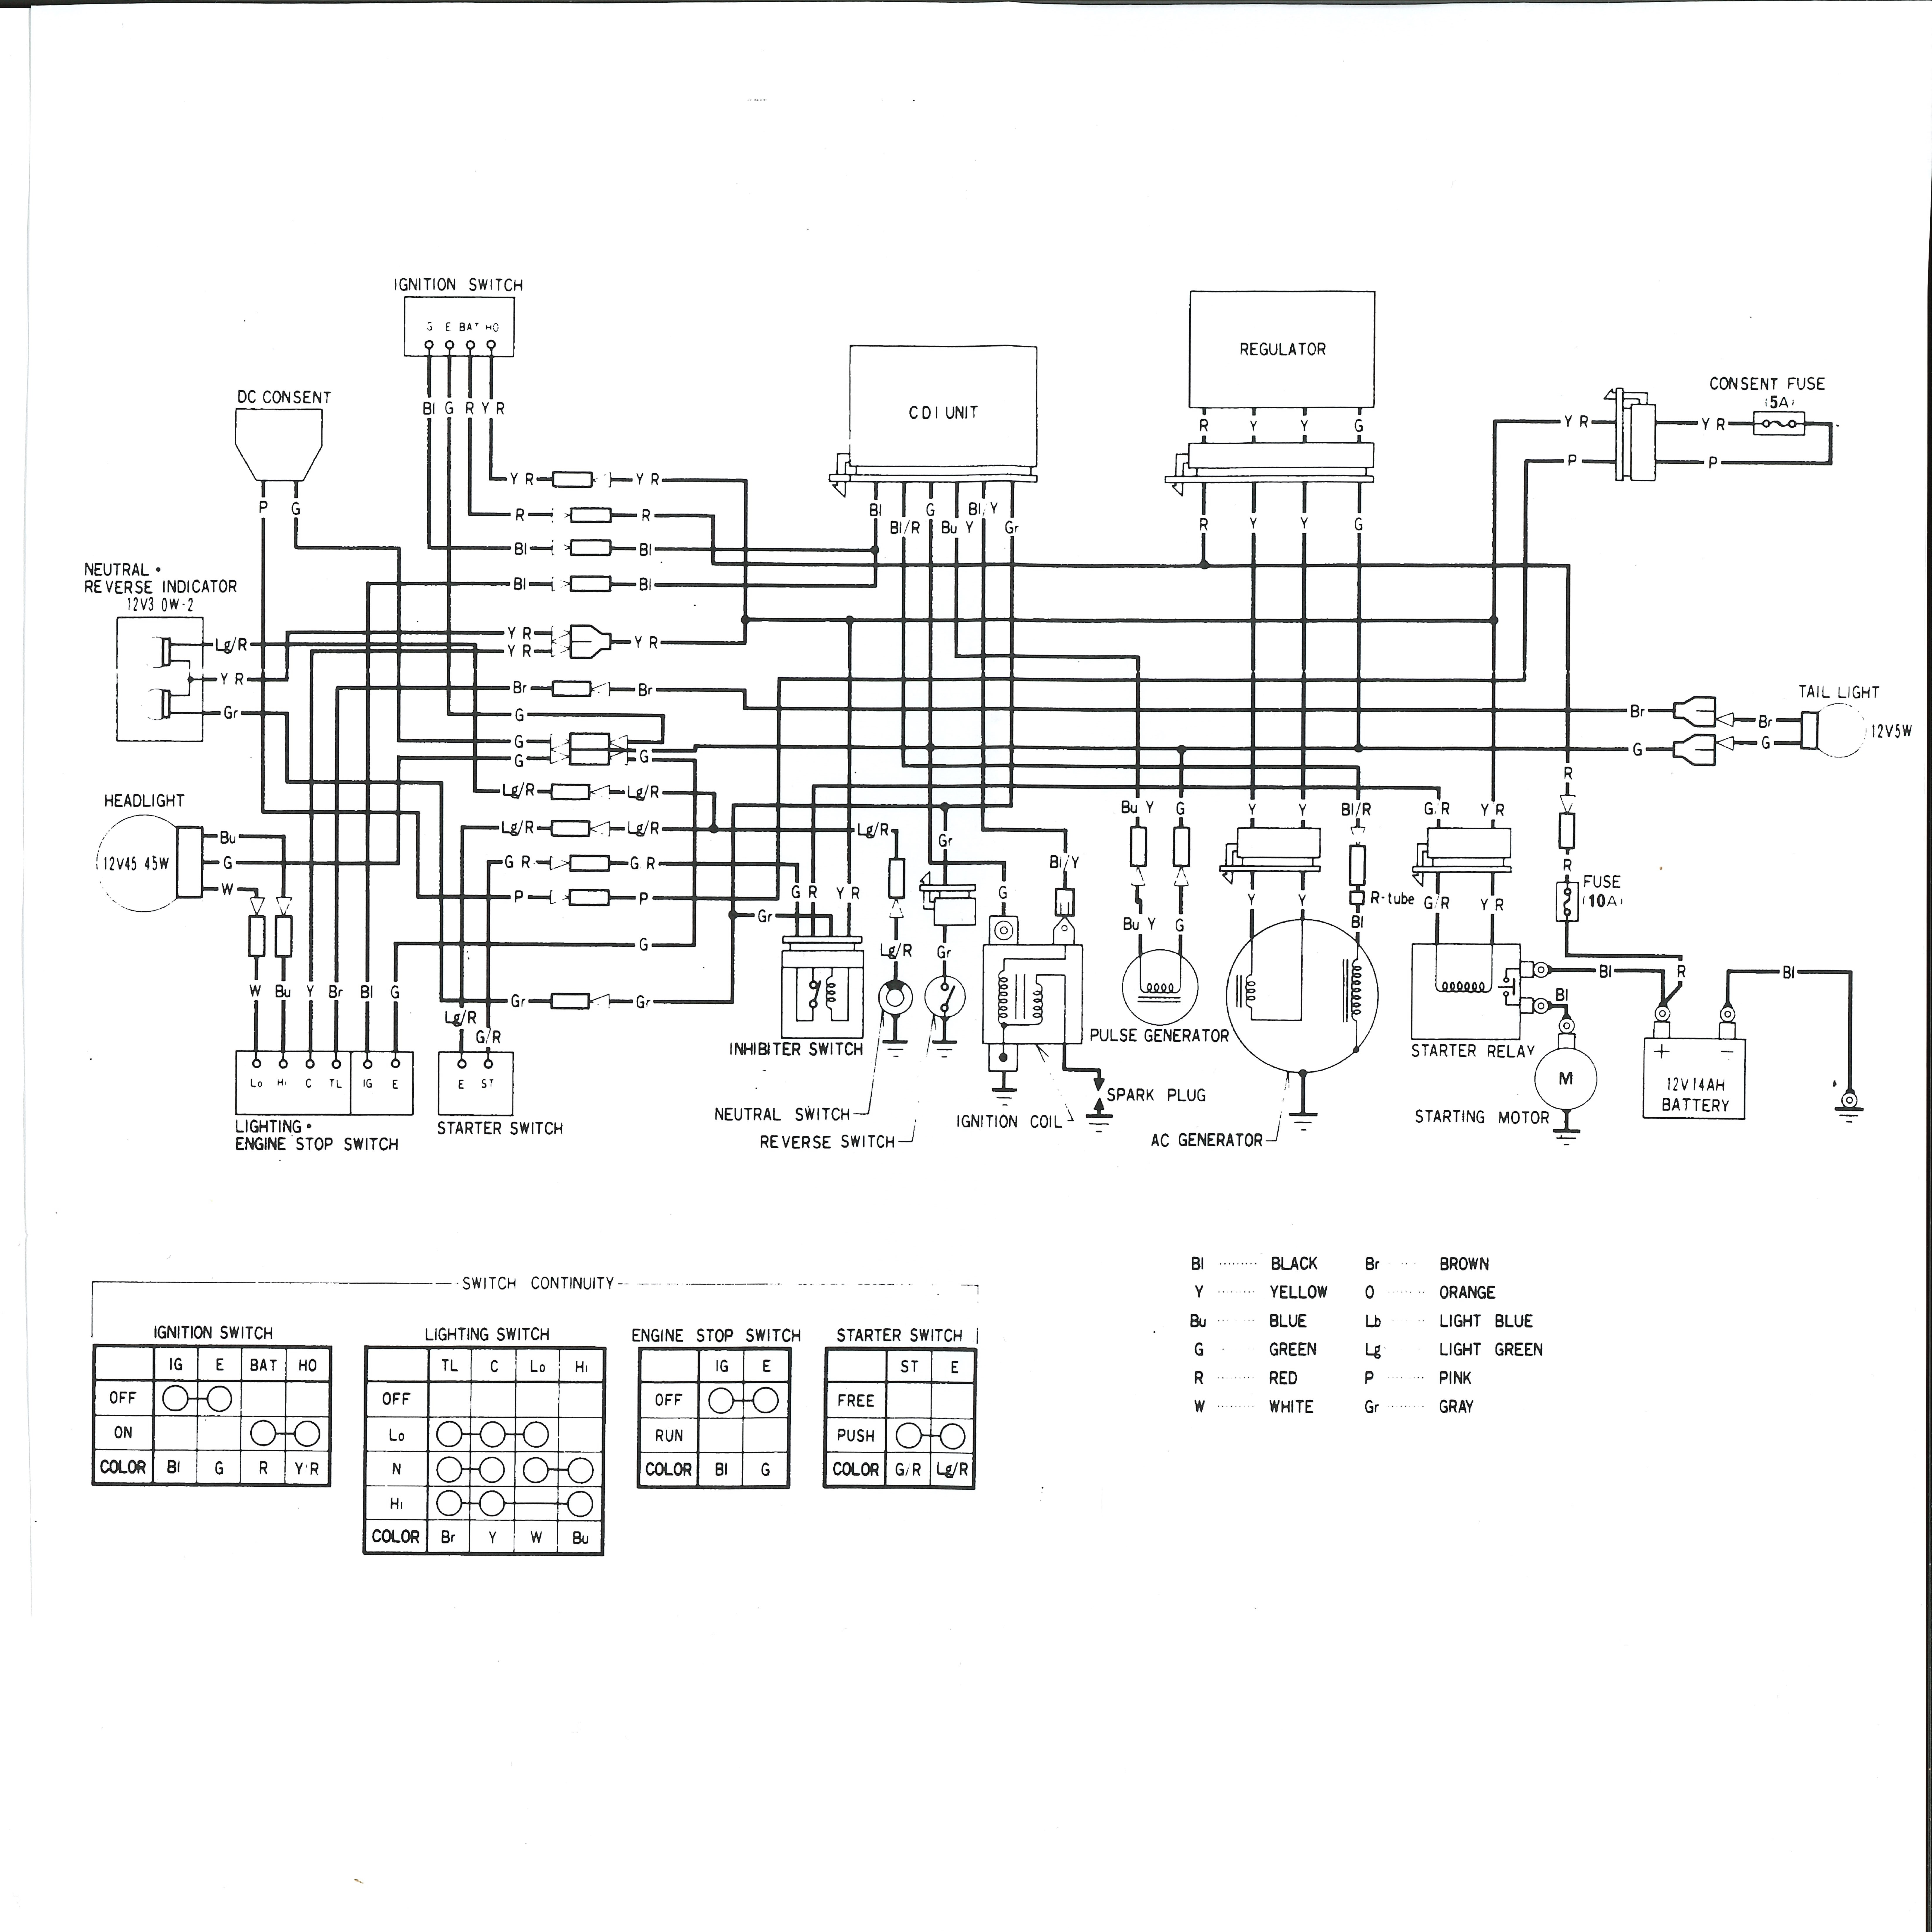 1983 Honda big red atc 200e Wiring Diagram